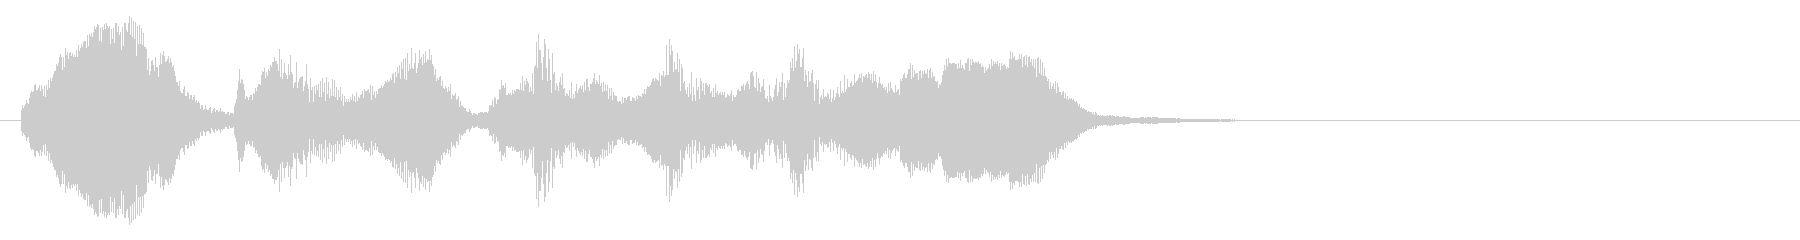 のほほんジングル010_ほのぼのの未再生の波形